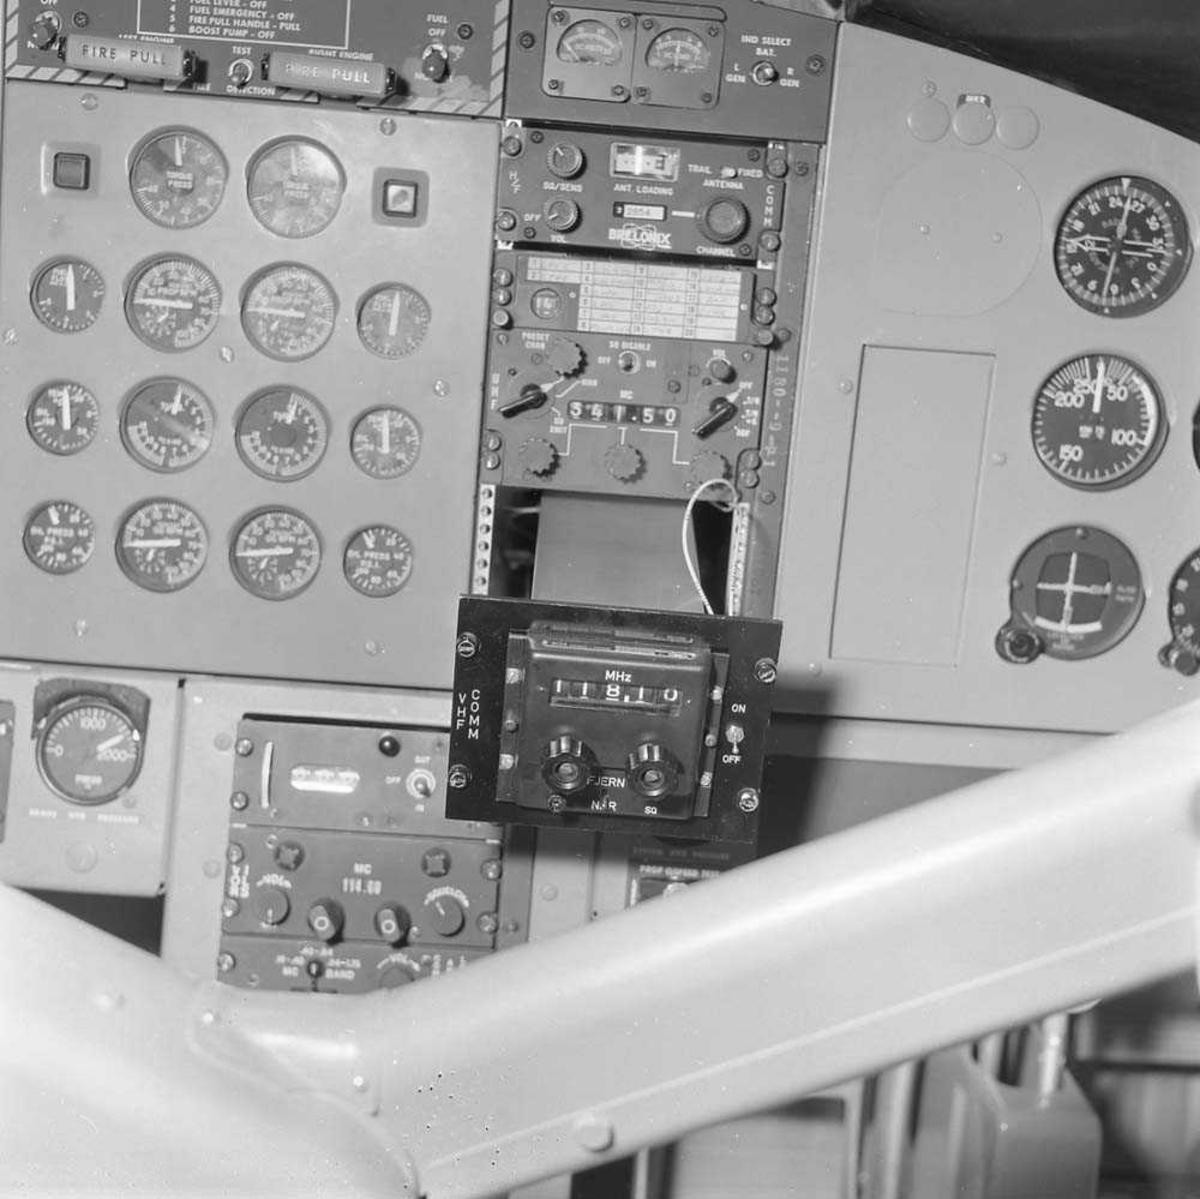 Radioutstyr AMR-207 i Twin Otter, med kjennemerke XJ-L. Flyet tilhører 719 skvadron på Bodø flystasjon.